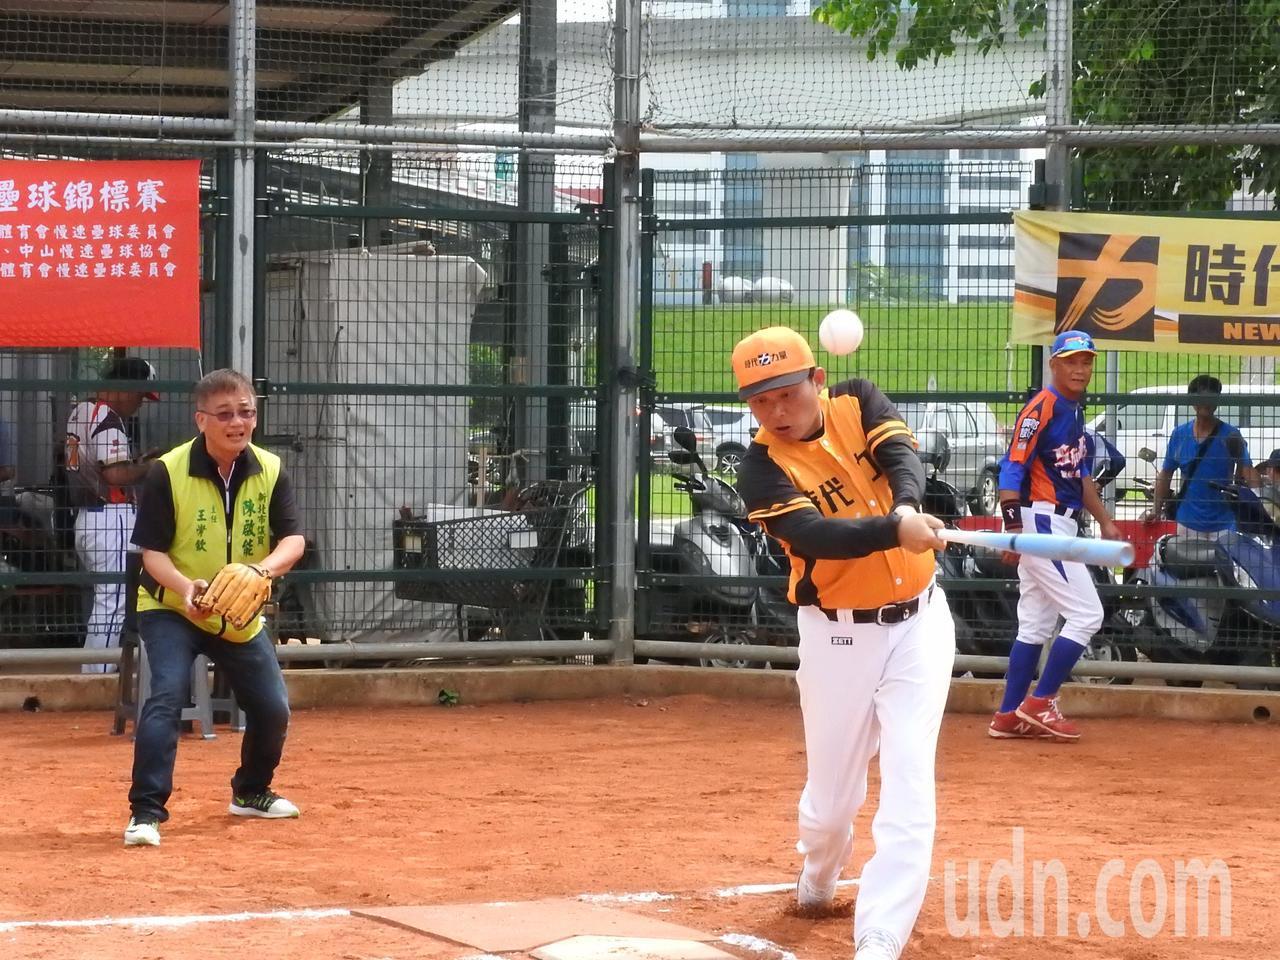 時代力量新北盃慢速壘球錦標賽今天開幕,對藍、綠議員都派隊參賽,時力黨主席黃國昌說...